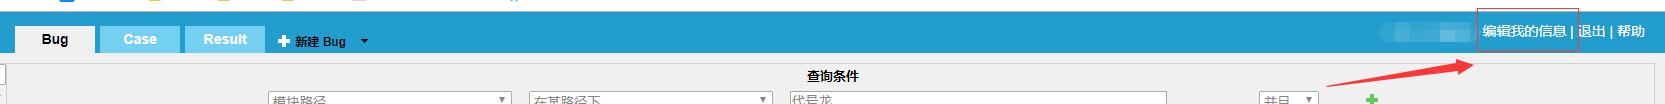 BugFree设置邮箱通知(这里以163邮箱为例)